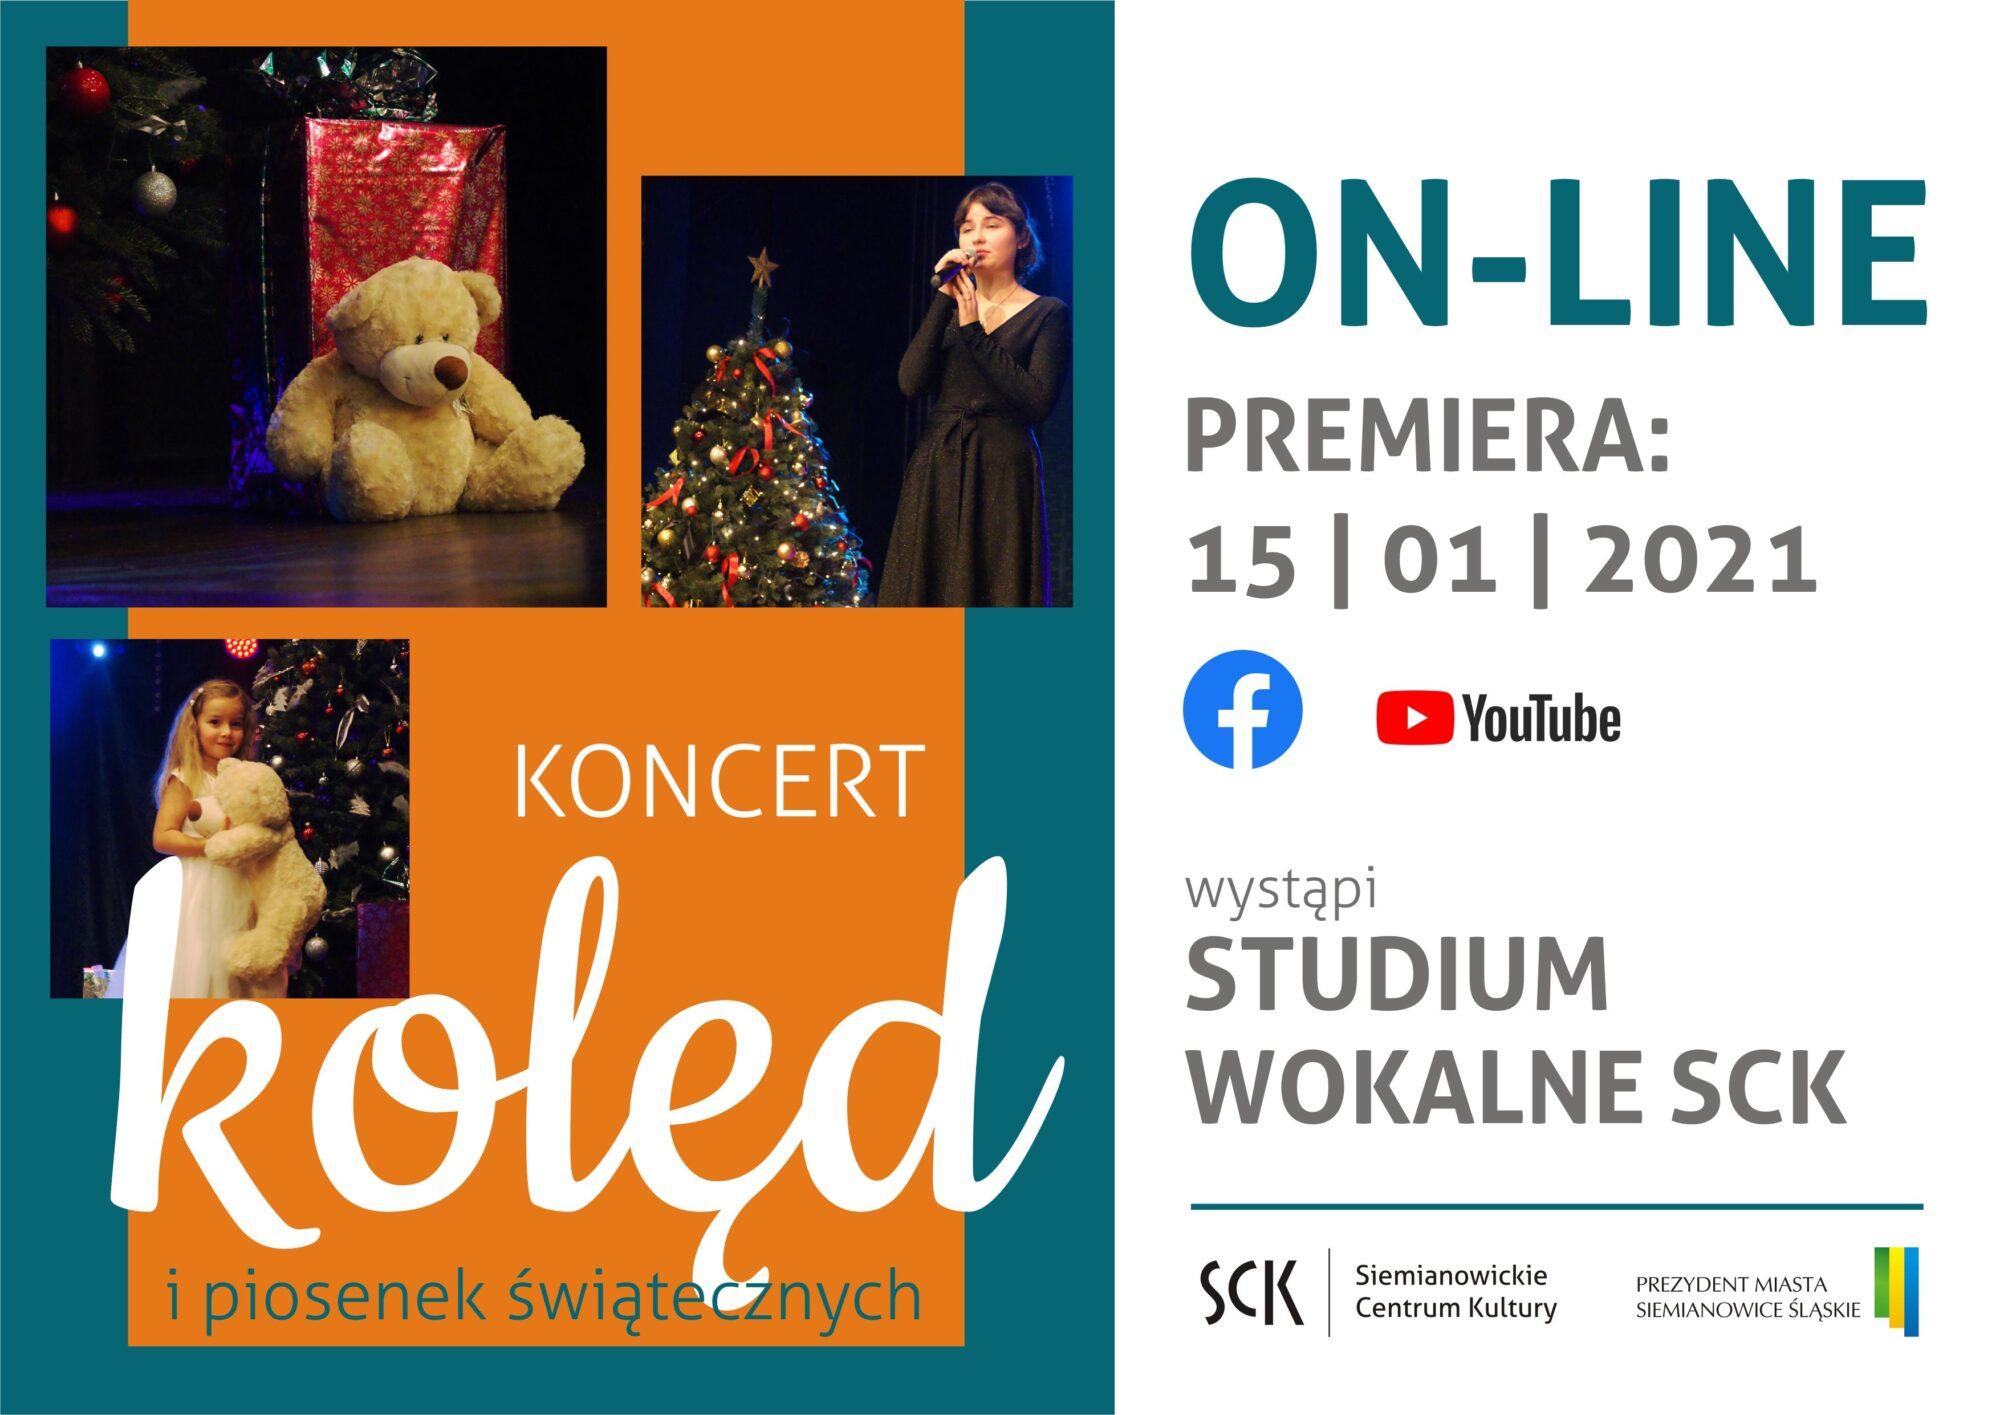 plakat internetowej premiery koncertu kolęd w wykonaniu studium wokalnego SCK